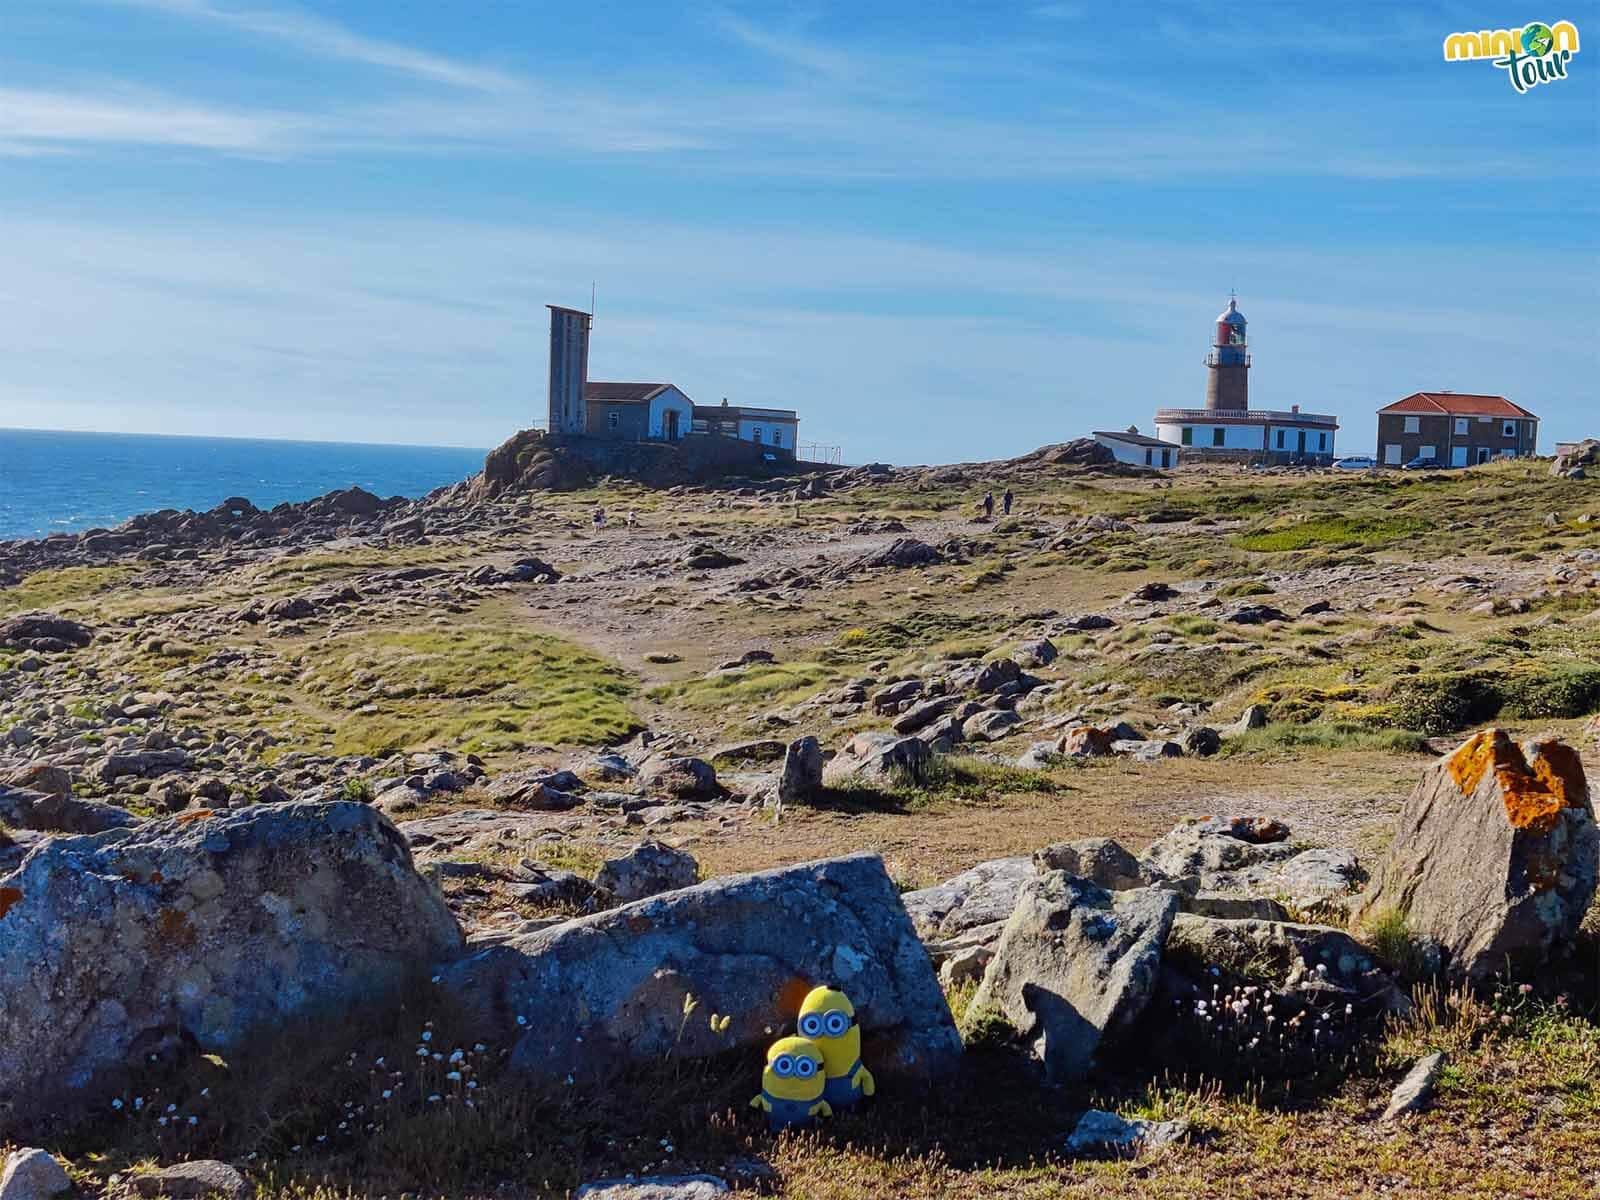 El Faro de Corrubedo es uno de los faros más chulis de la costa de Galicia